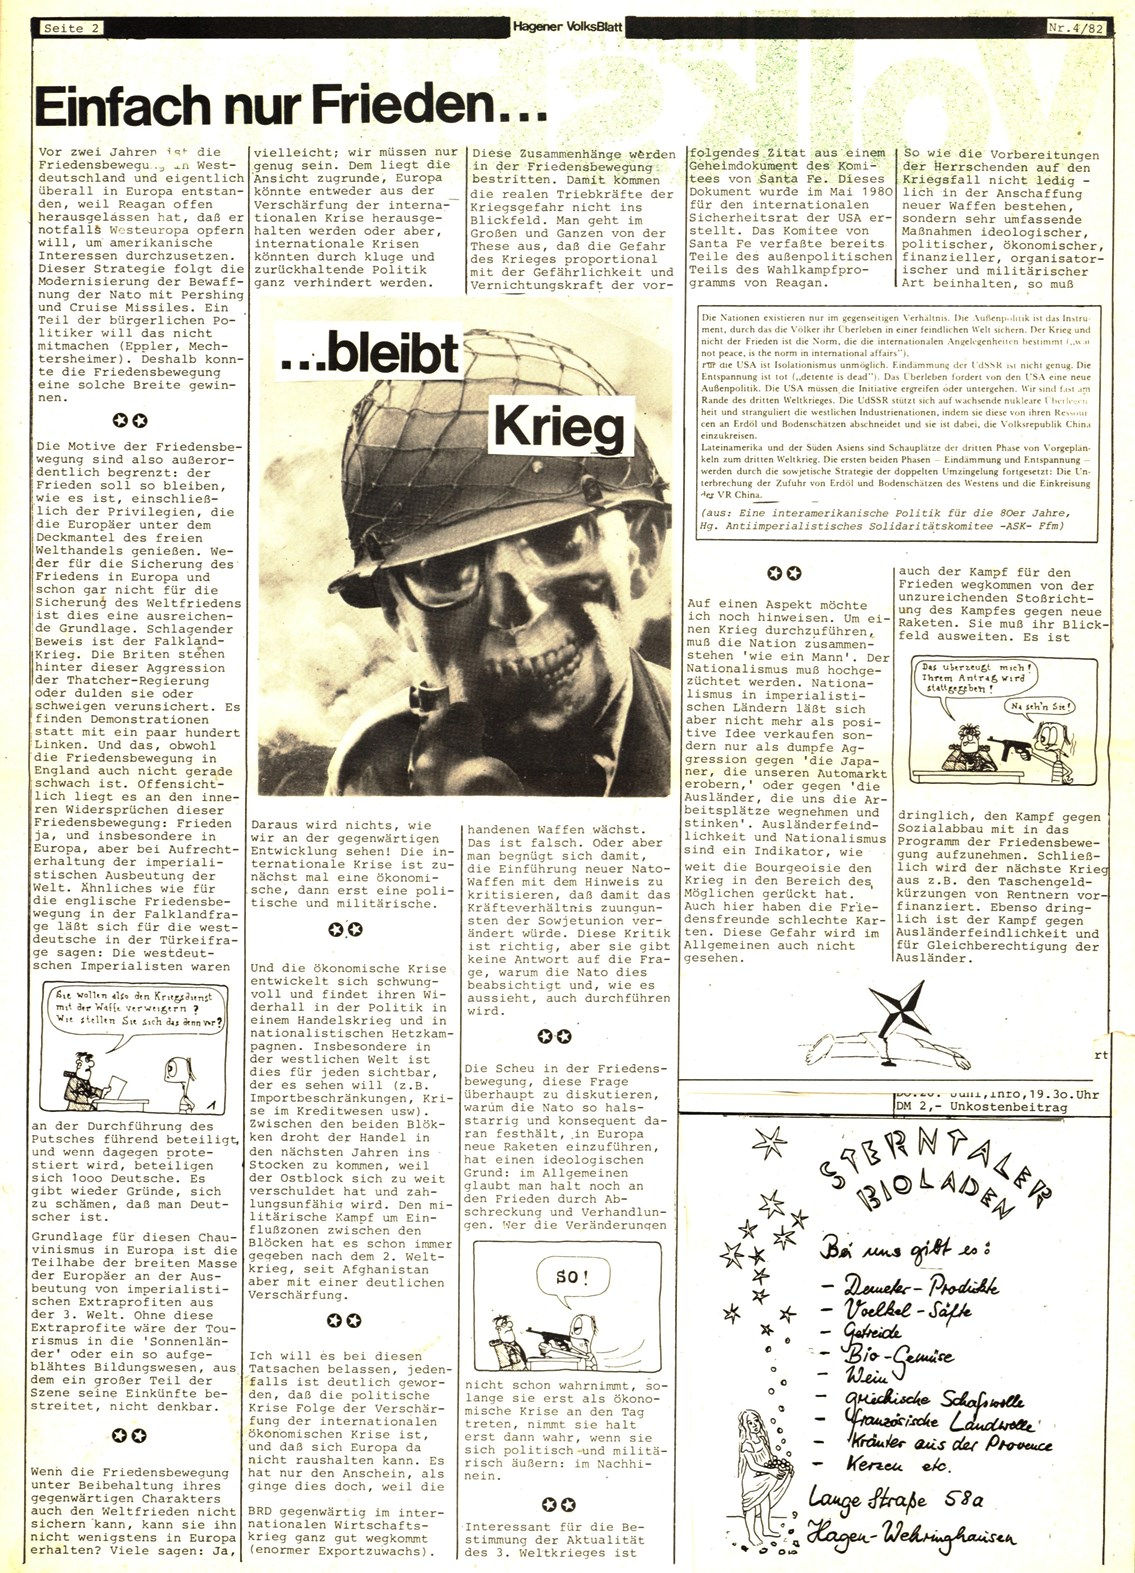 Hagen_Volksblatt_19820600_02